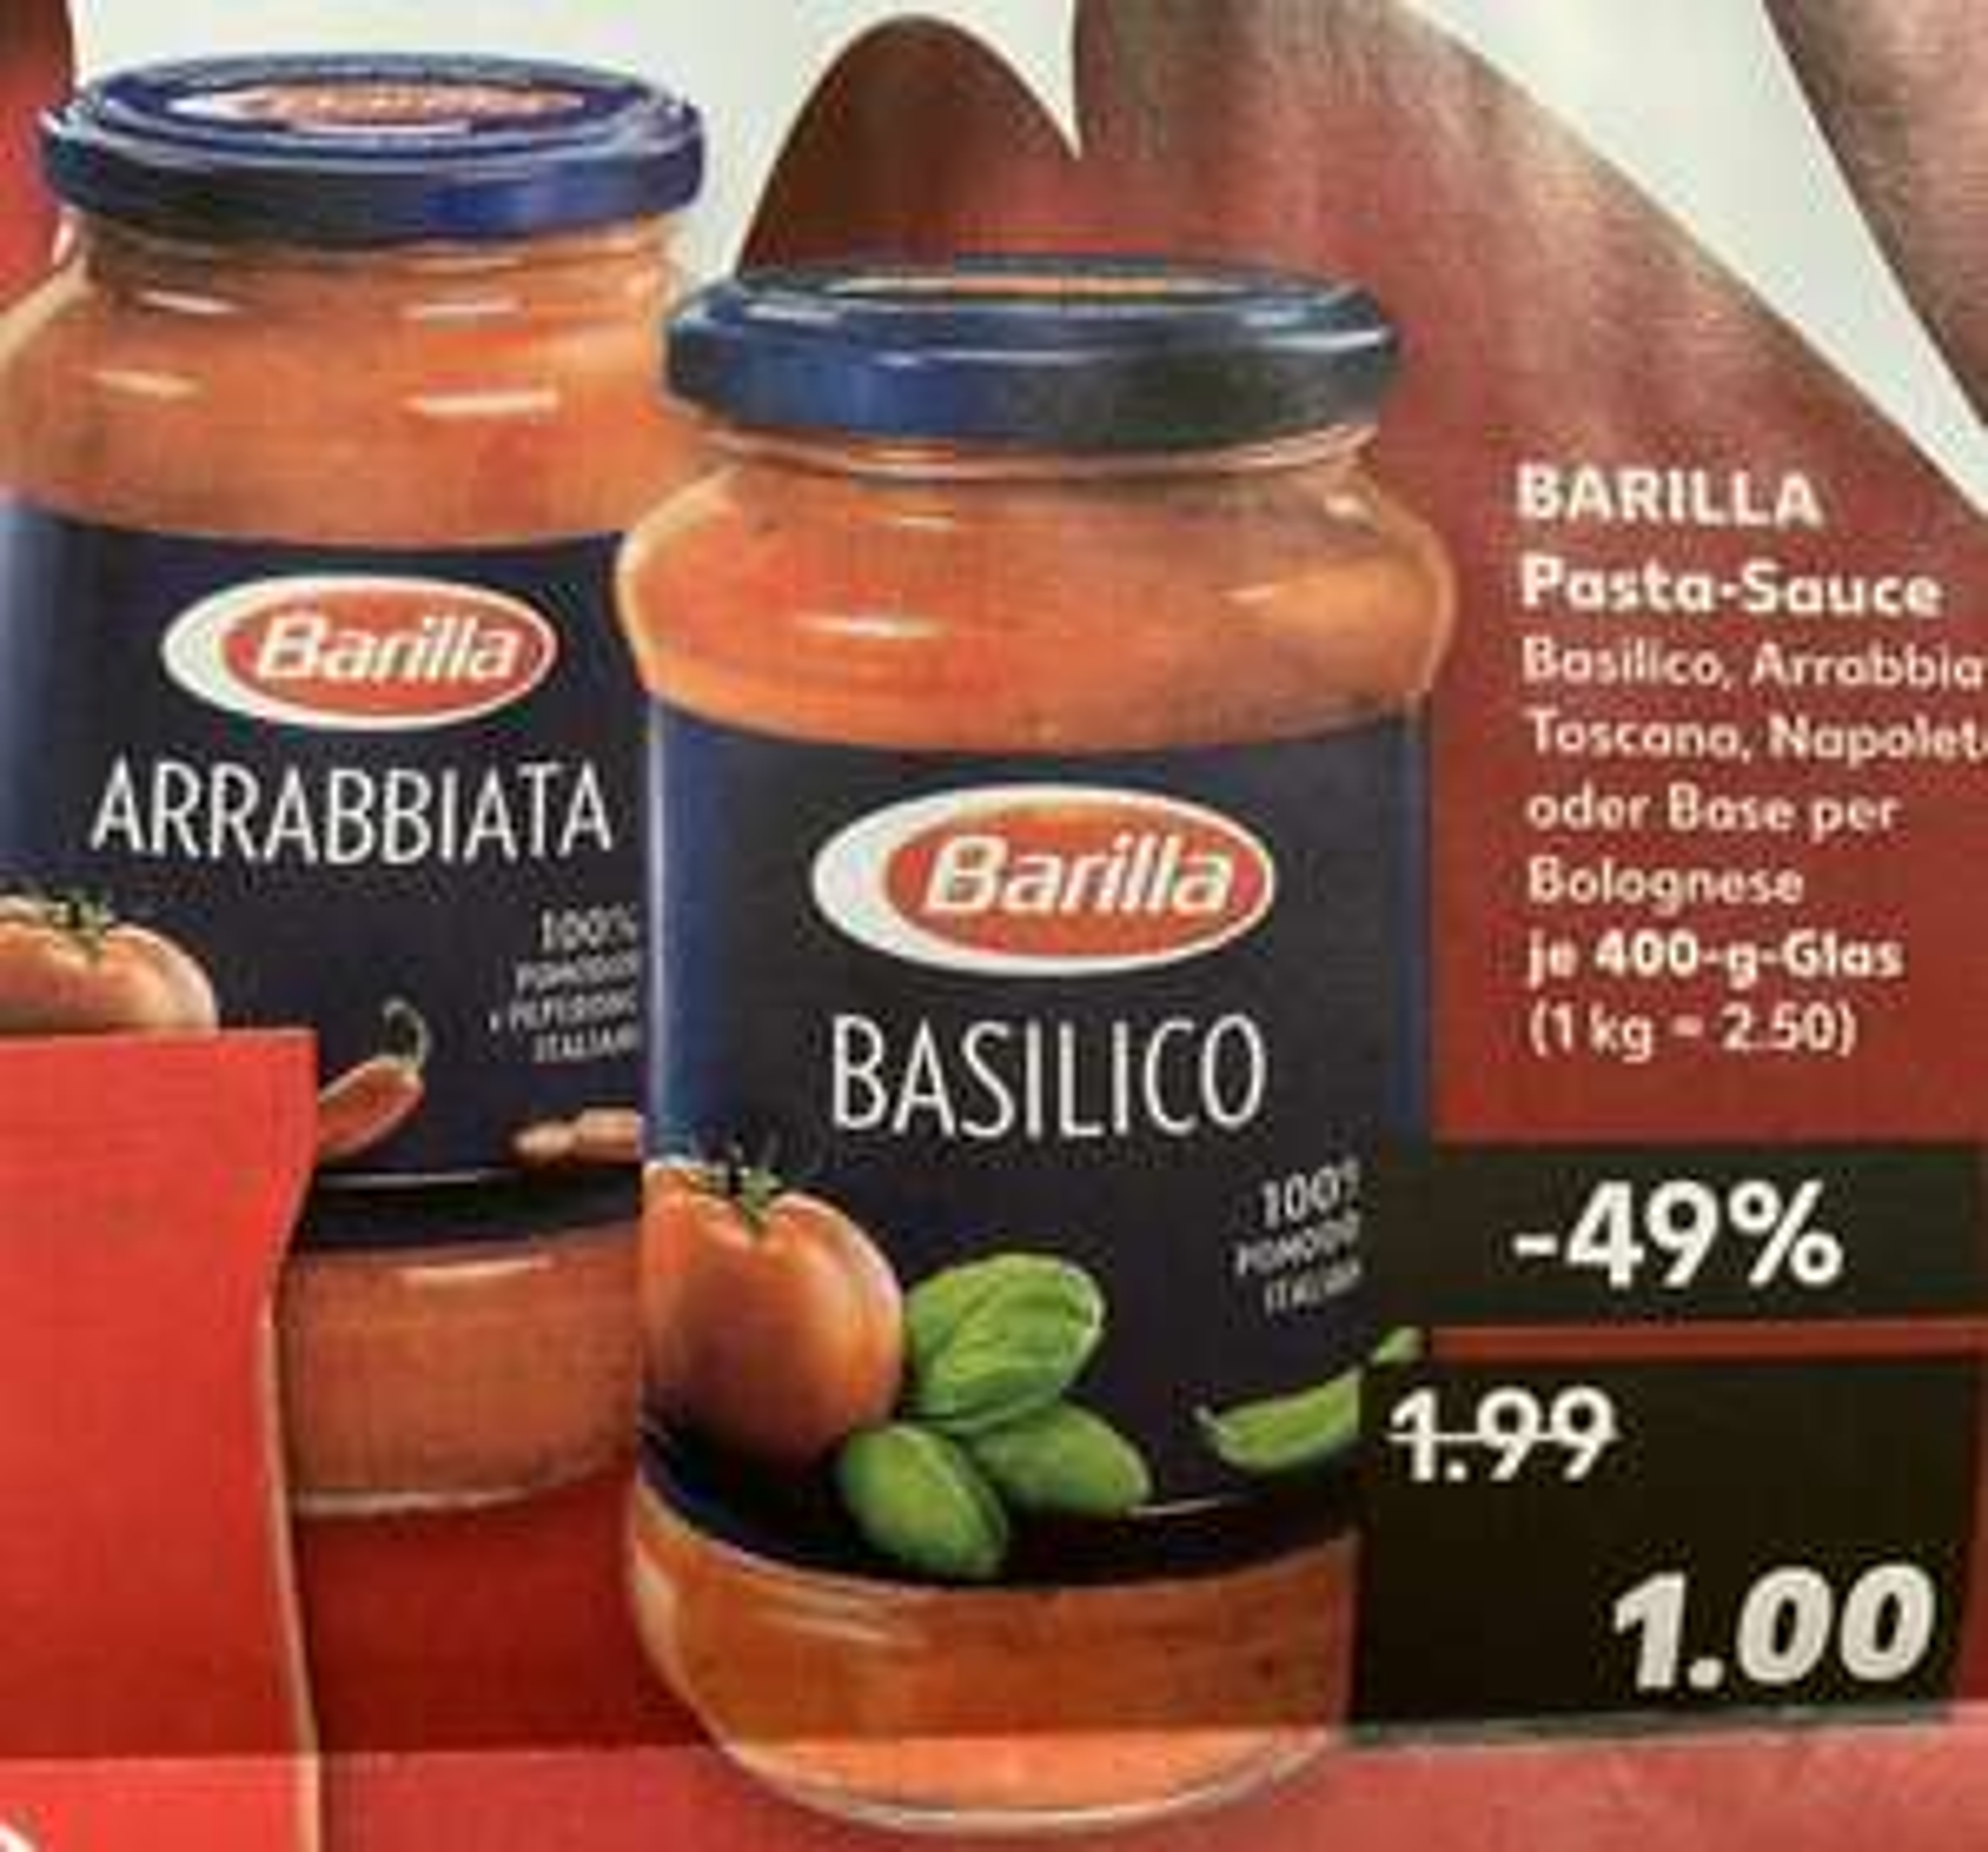 Barilla Pasta Sauce bei Kaufland